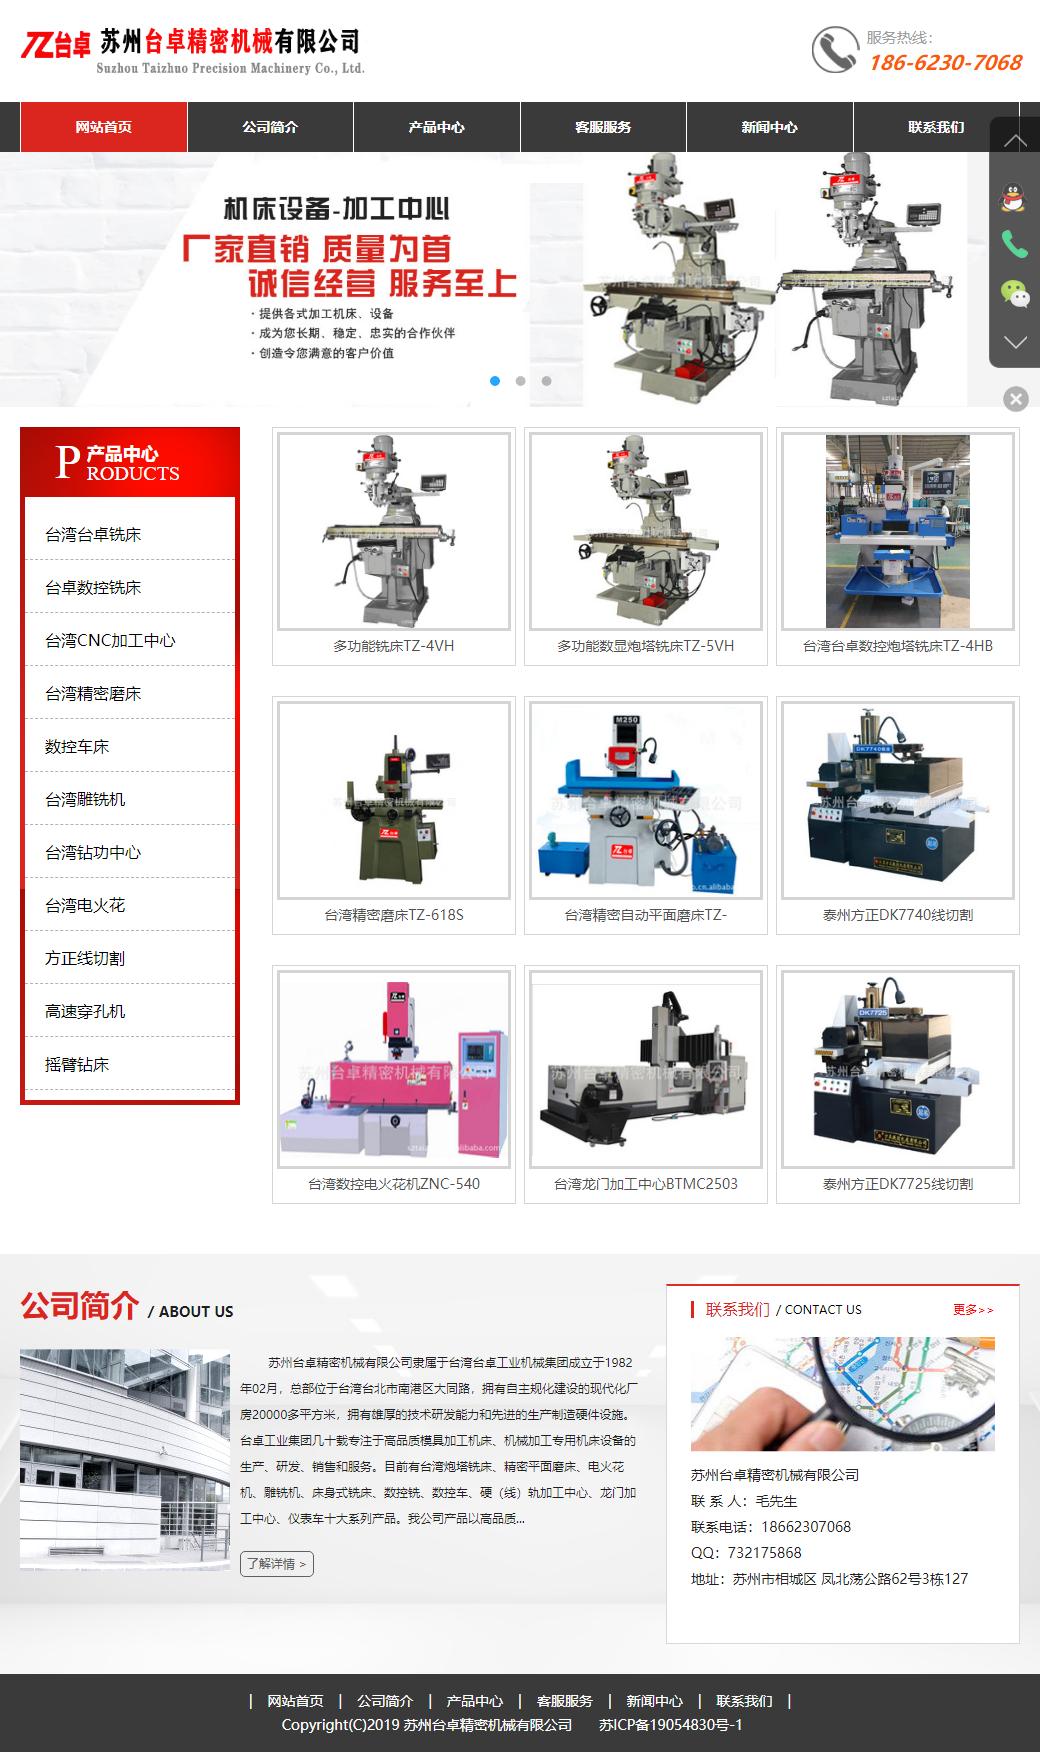 苏州台卓精密机械有限公司网站案例